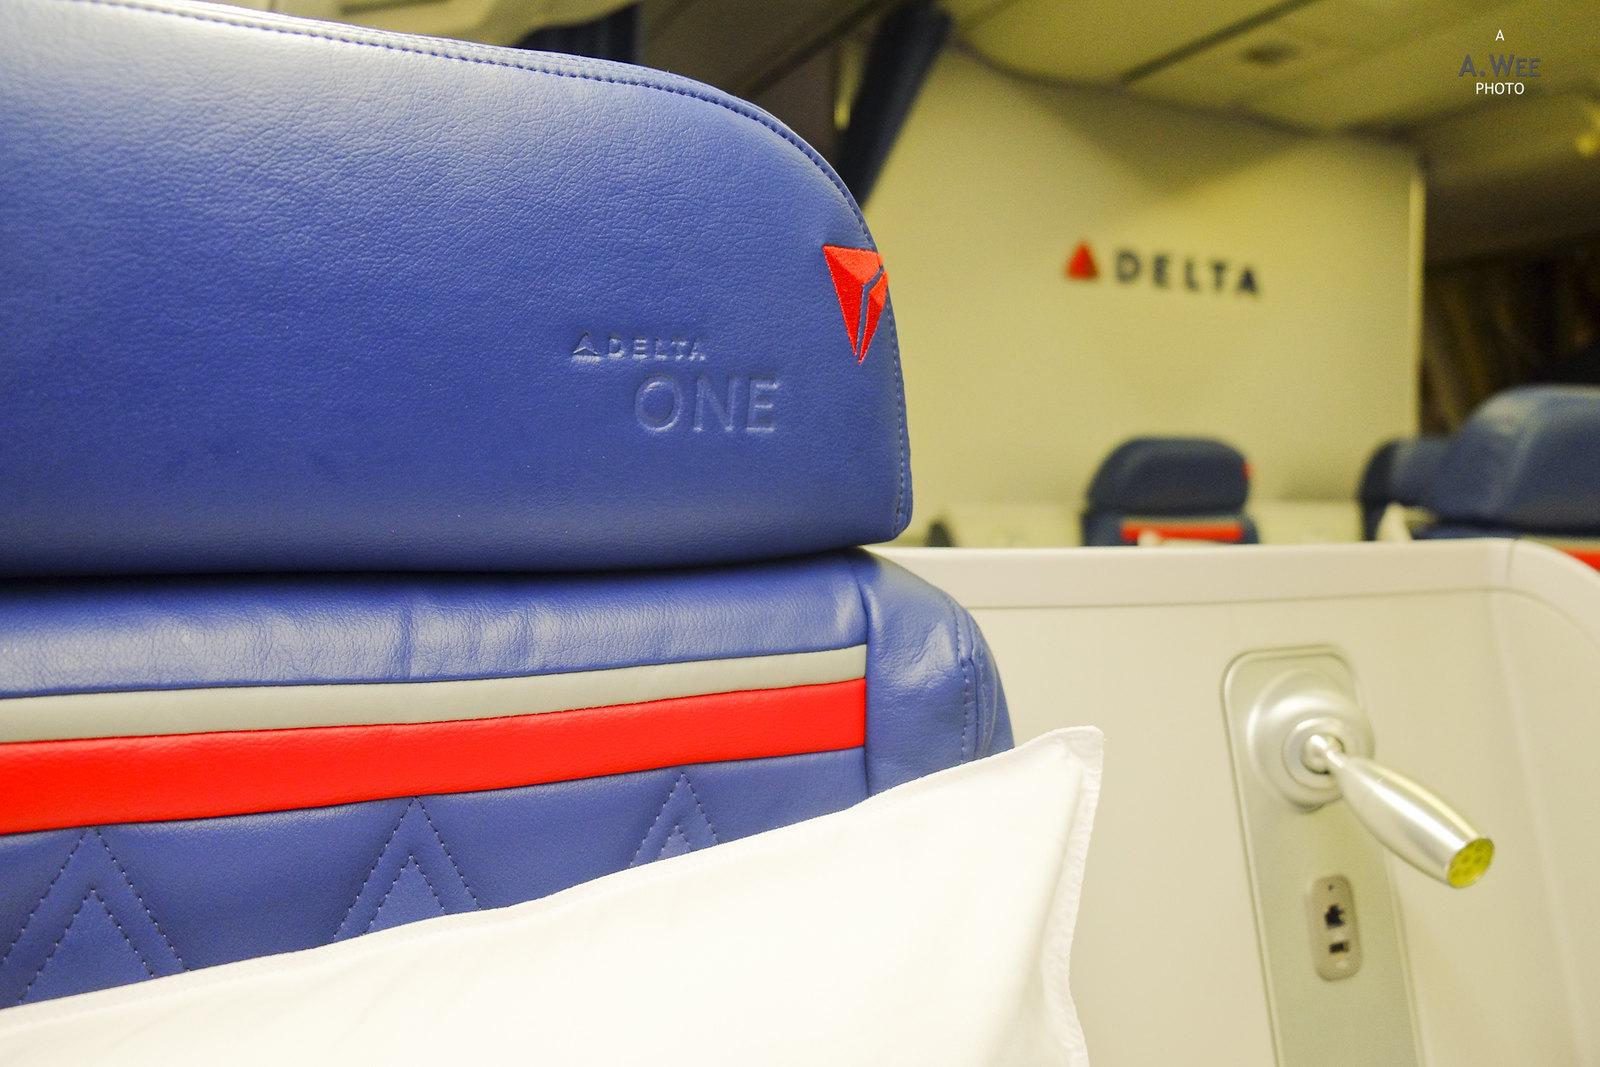 Delta's Business Class